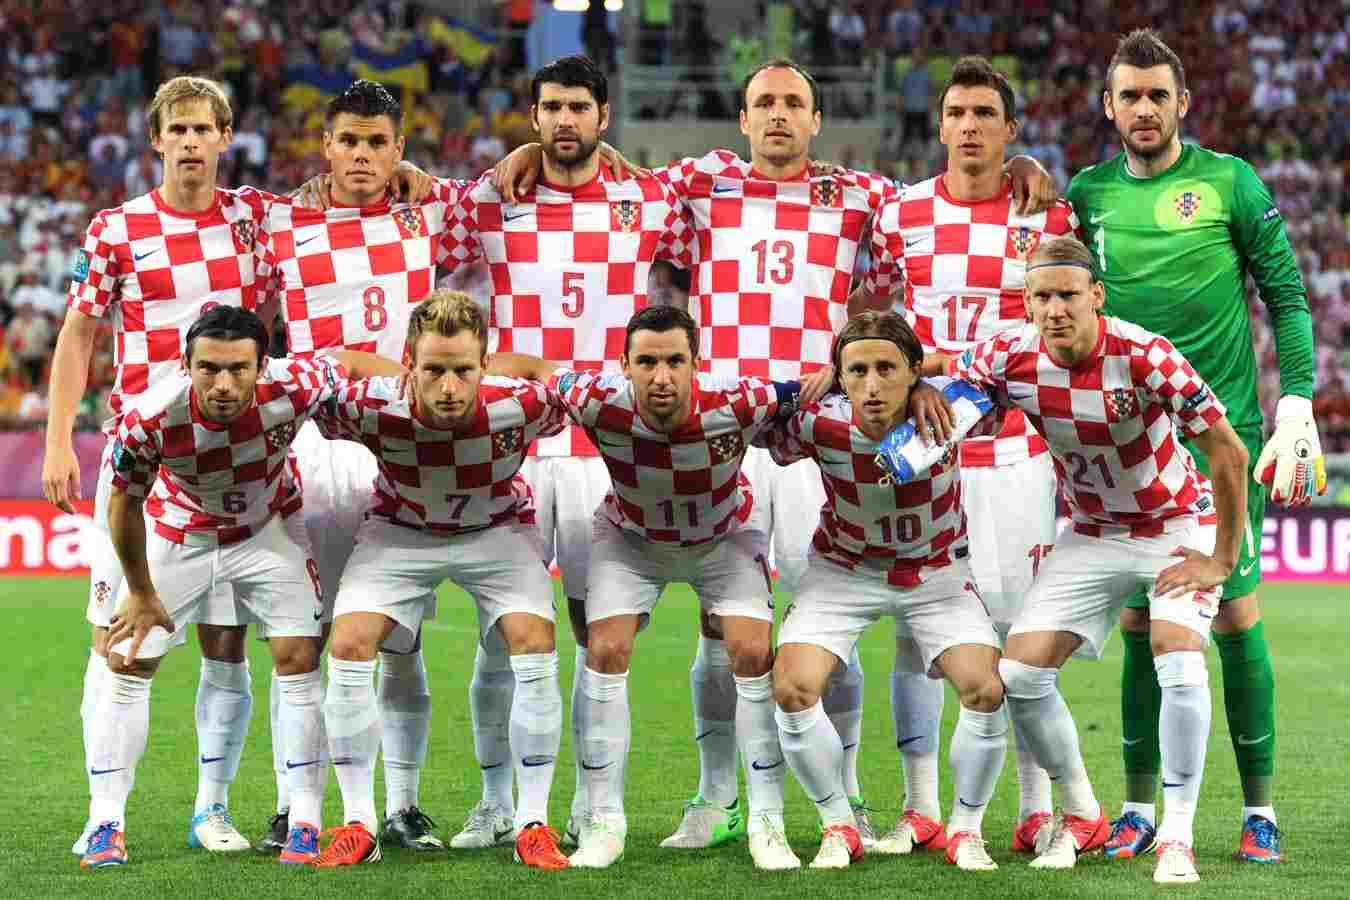 Tìm hiểu về lịch sử đội bóng Croatia qua các thời kì